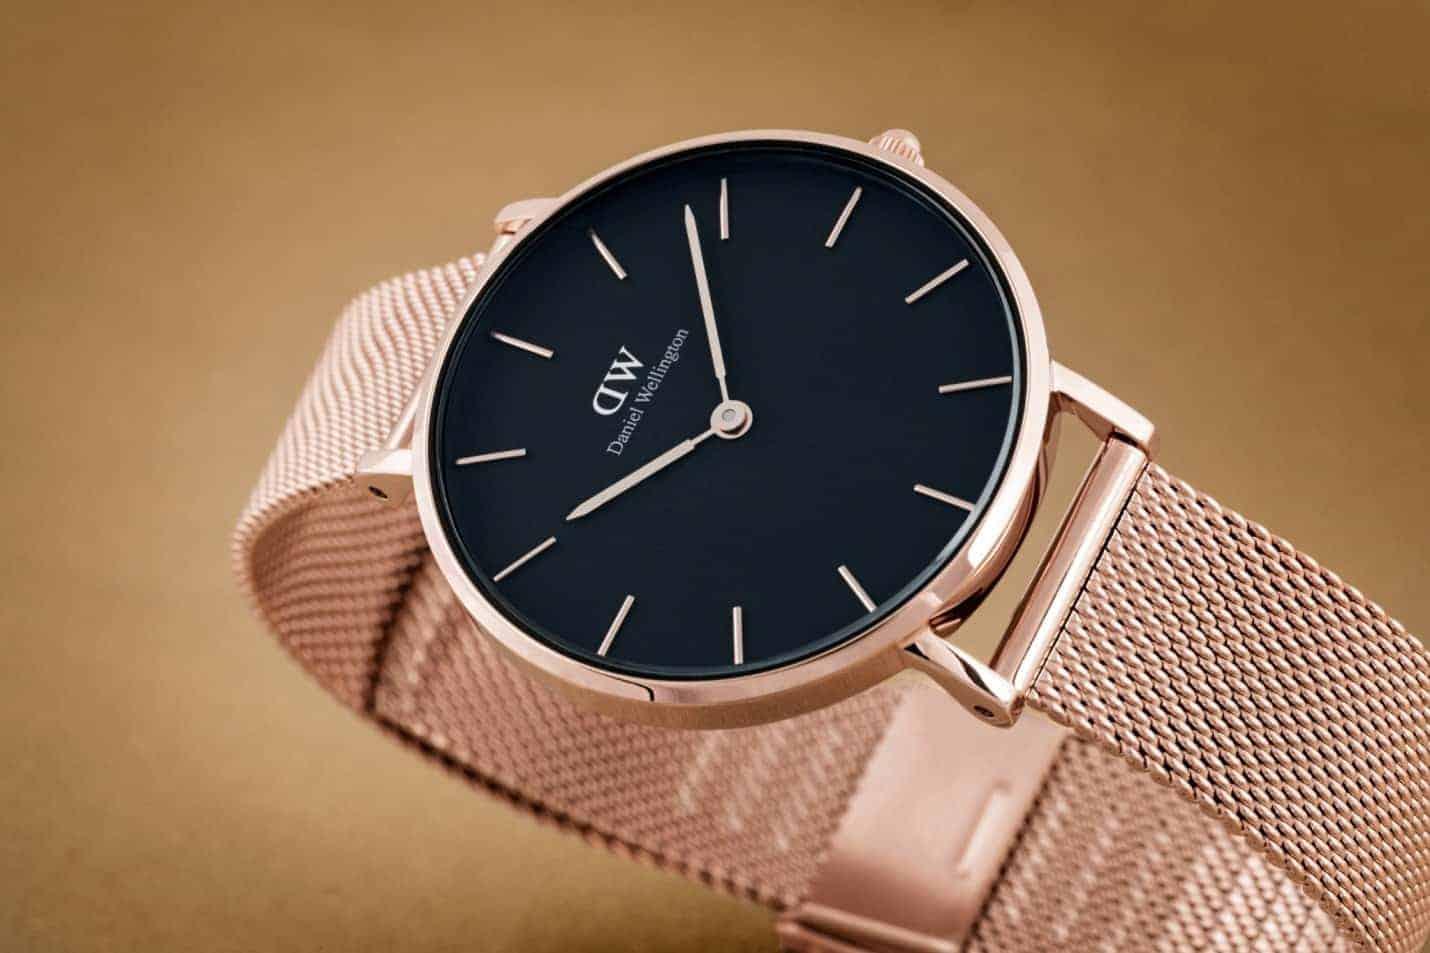 bạn đã biết đeo đồng hồ của DW nhanh chóng